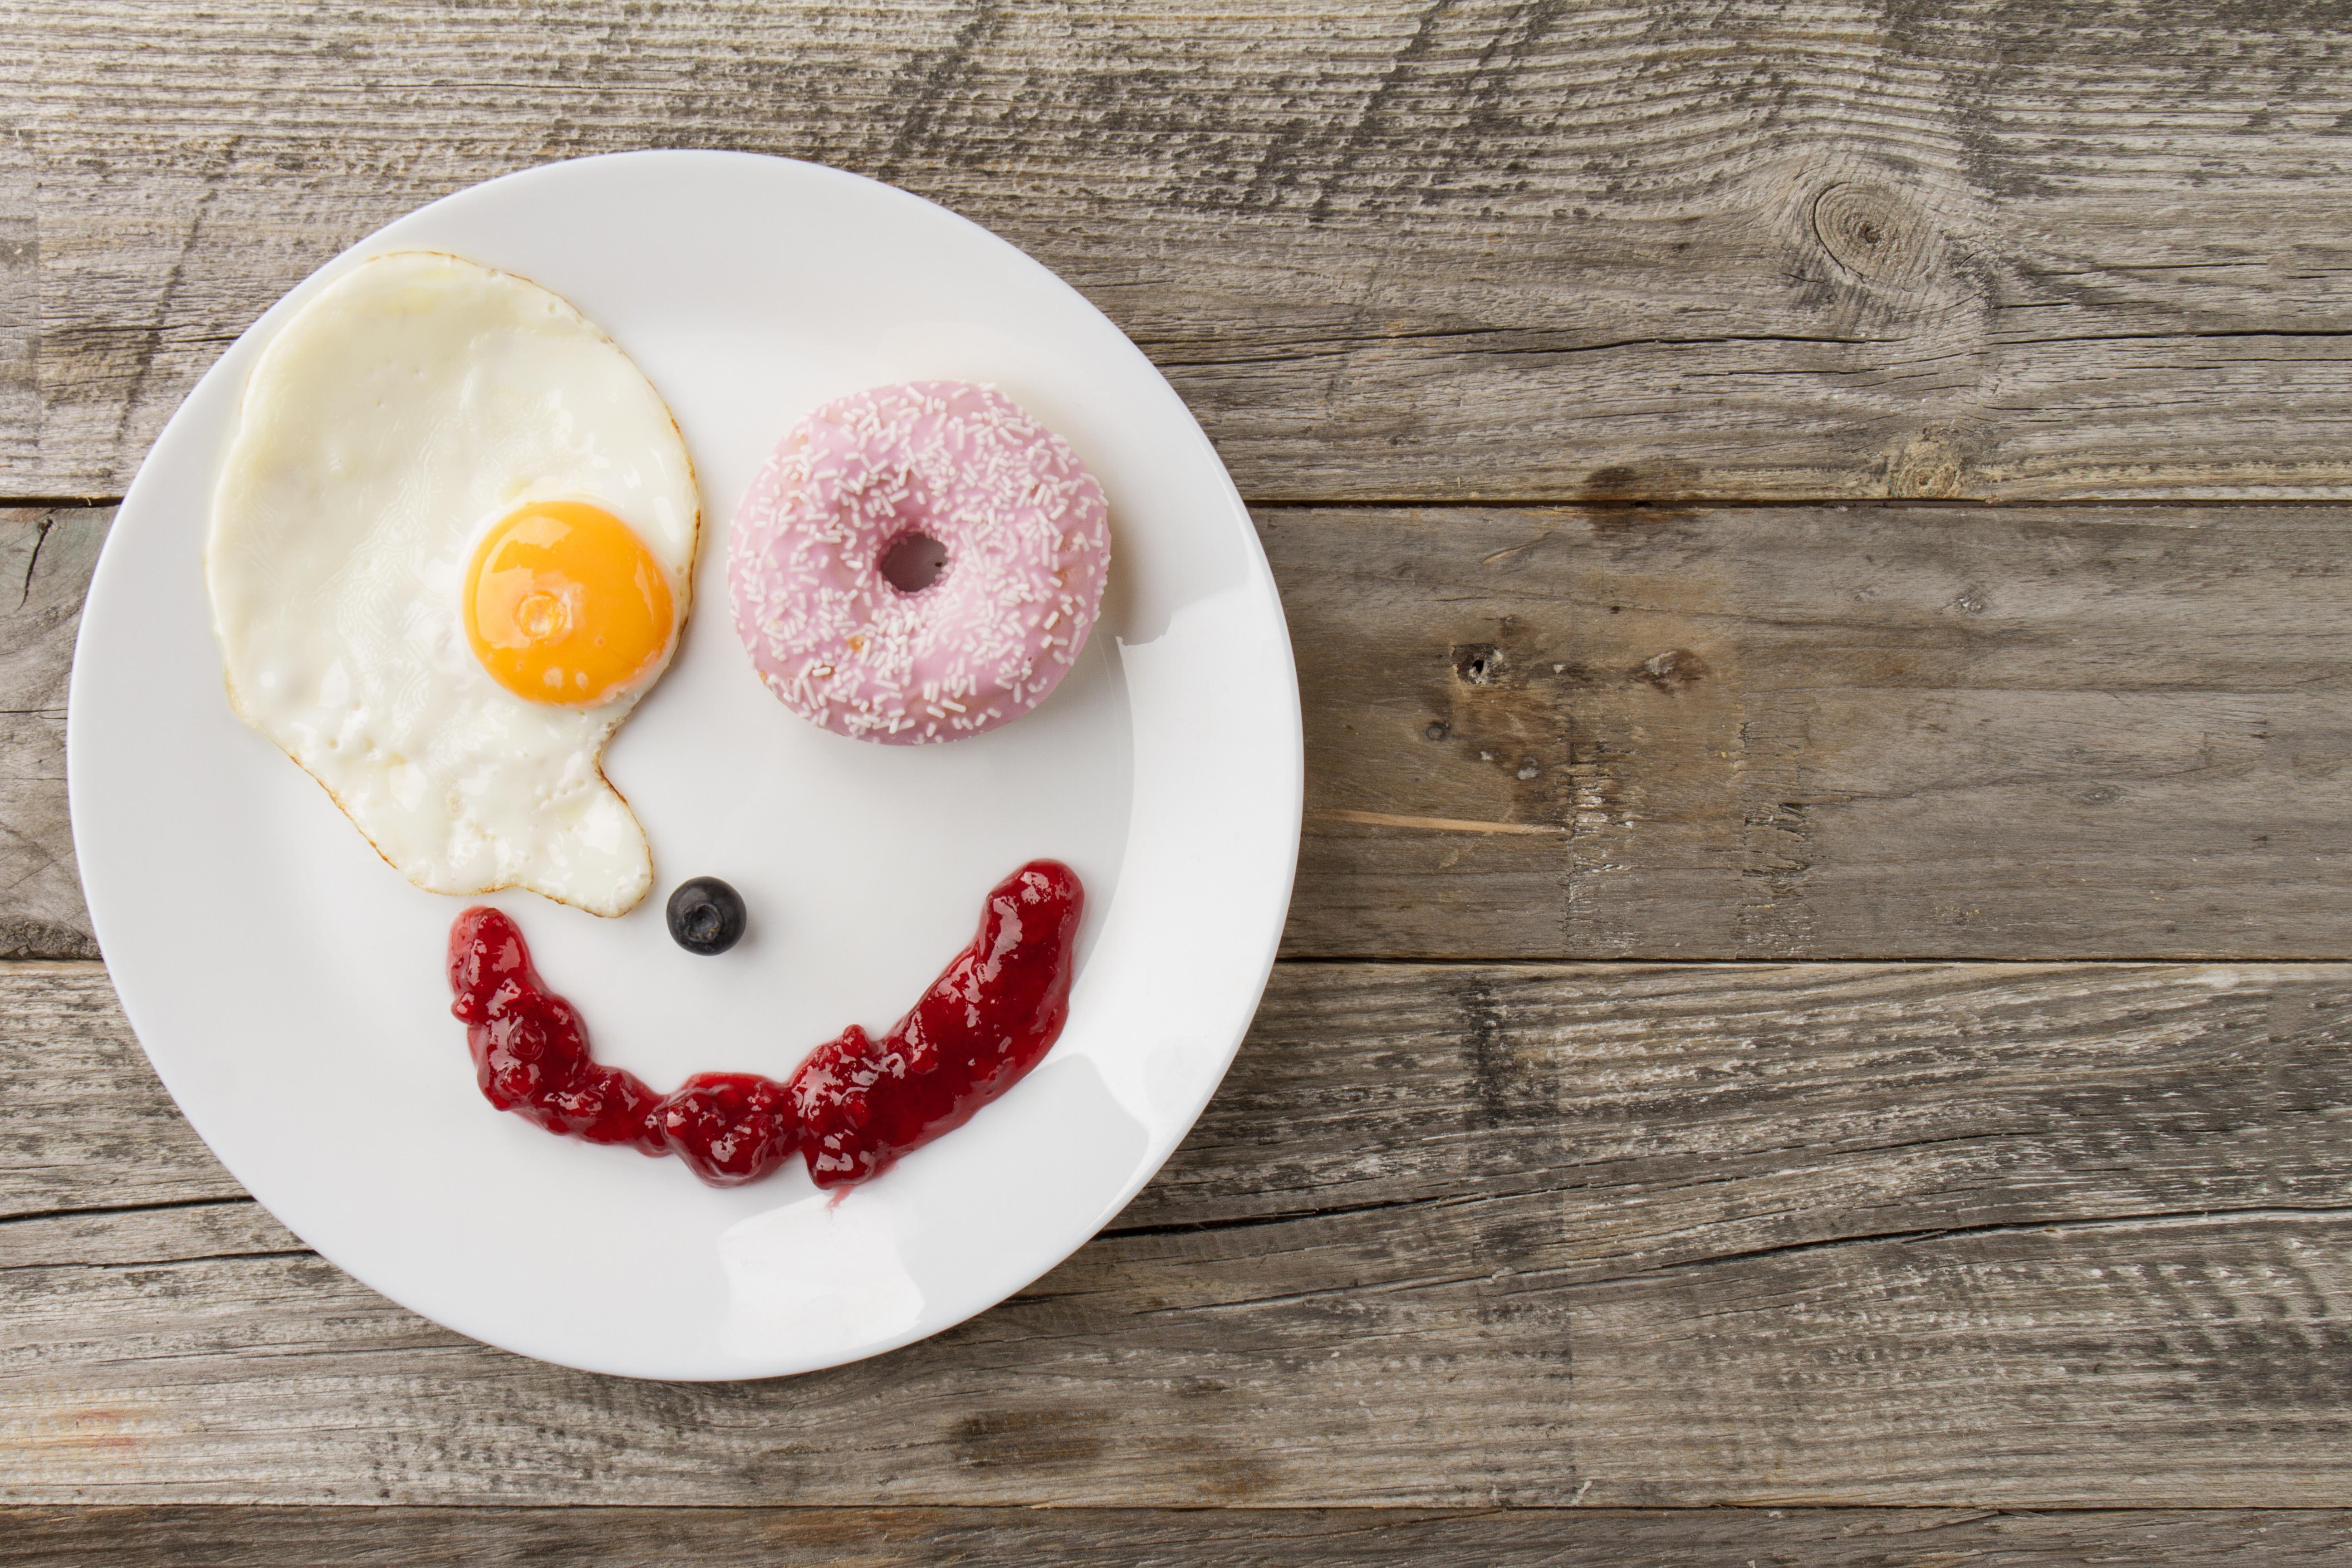 доброе утро картинки с юмором и едой цензура, выпуская альбомы